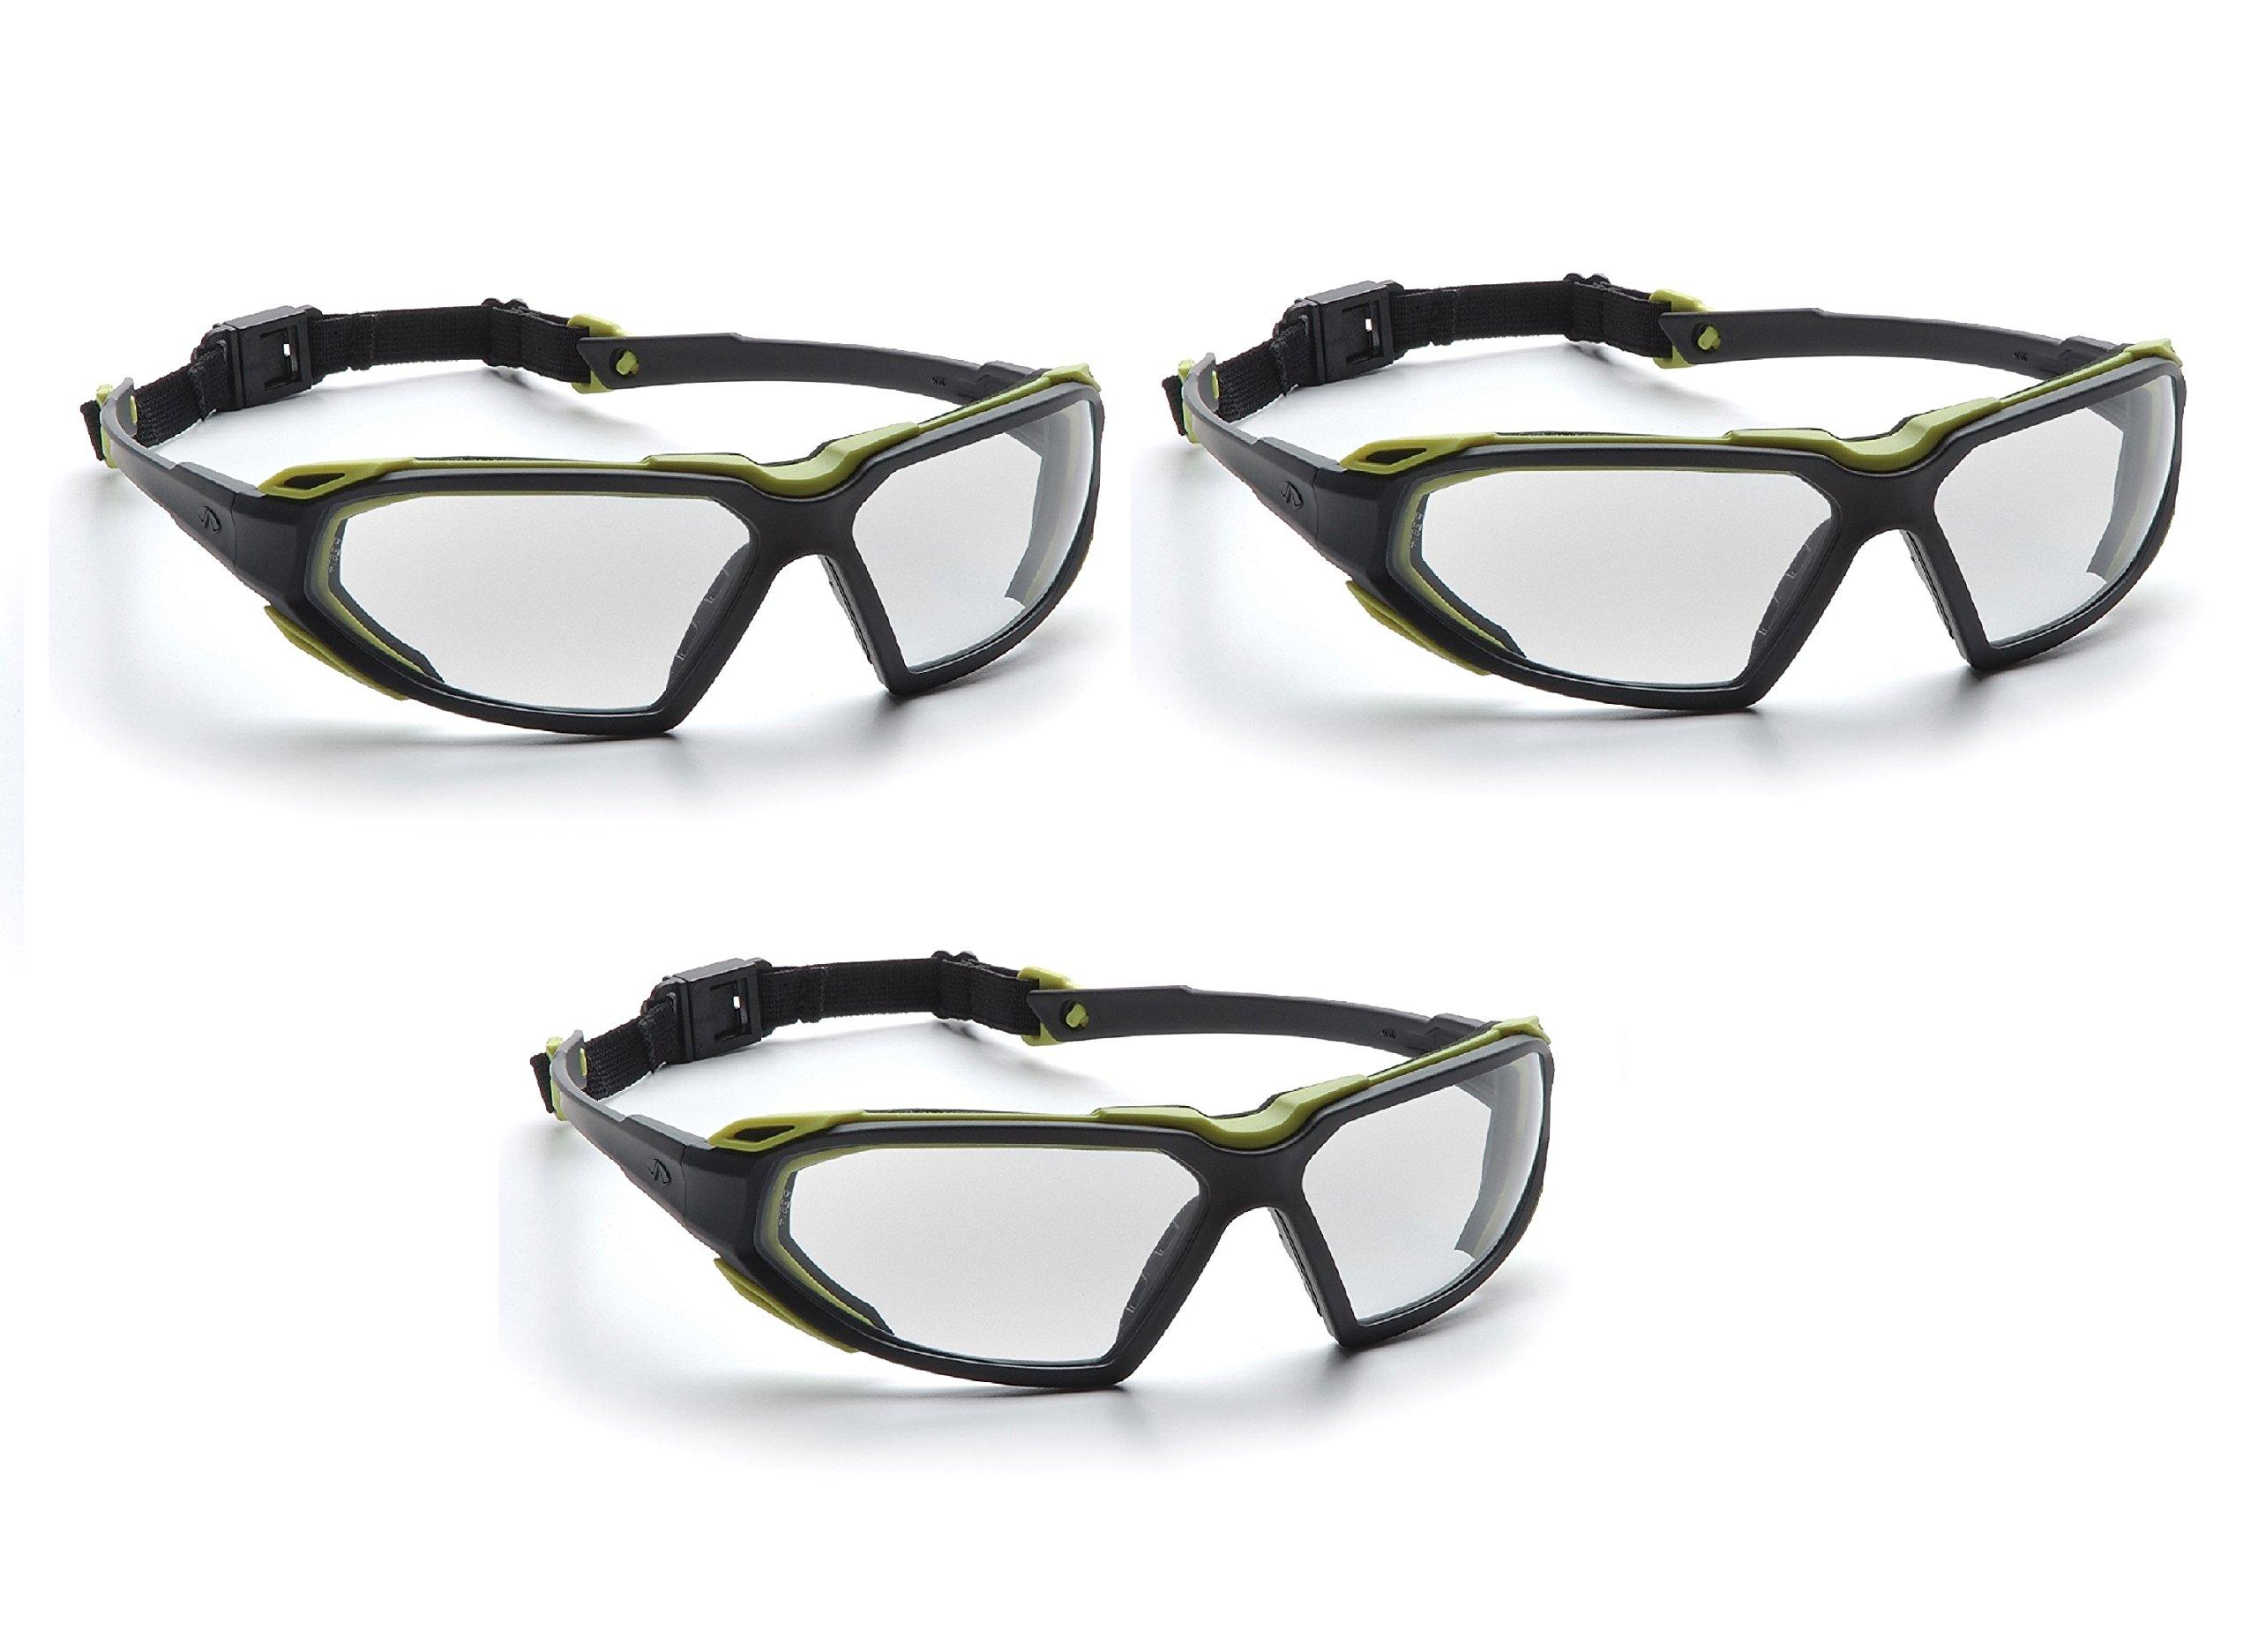 Highlander Pyramex Safety Eyewear (Black-Lime Frame/Clear Anti-Fog Lens) (3) by Highlander